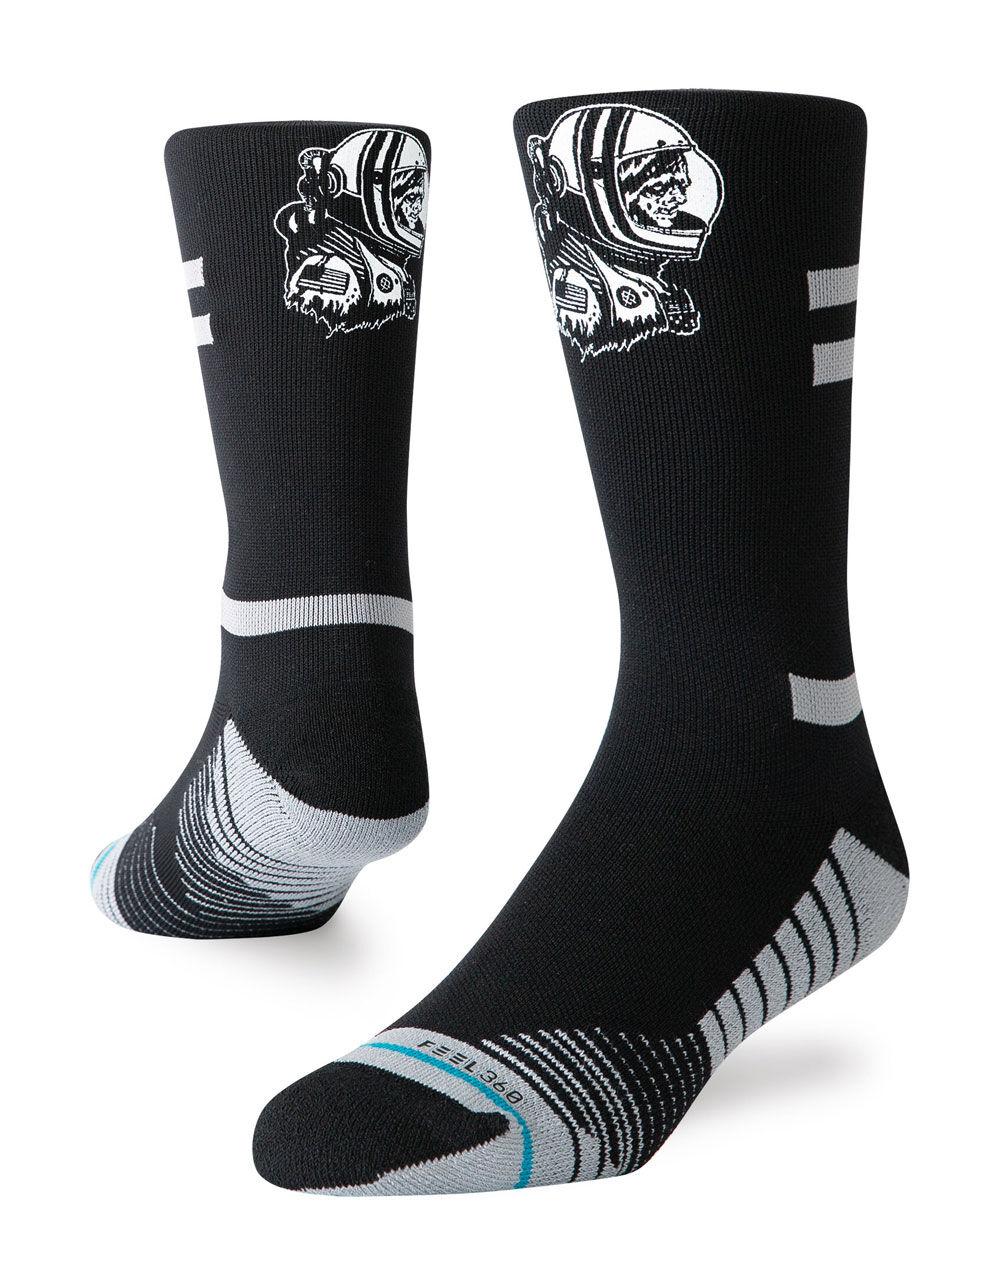 STANCE Zombie Astronaut Crew Socks